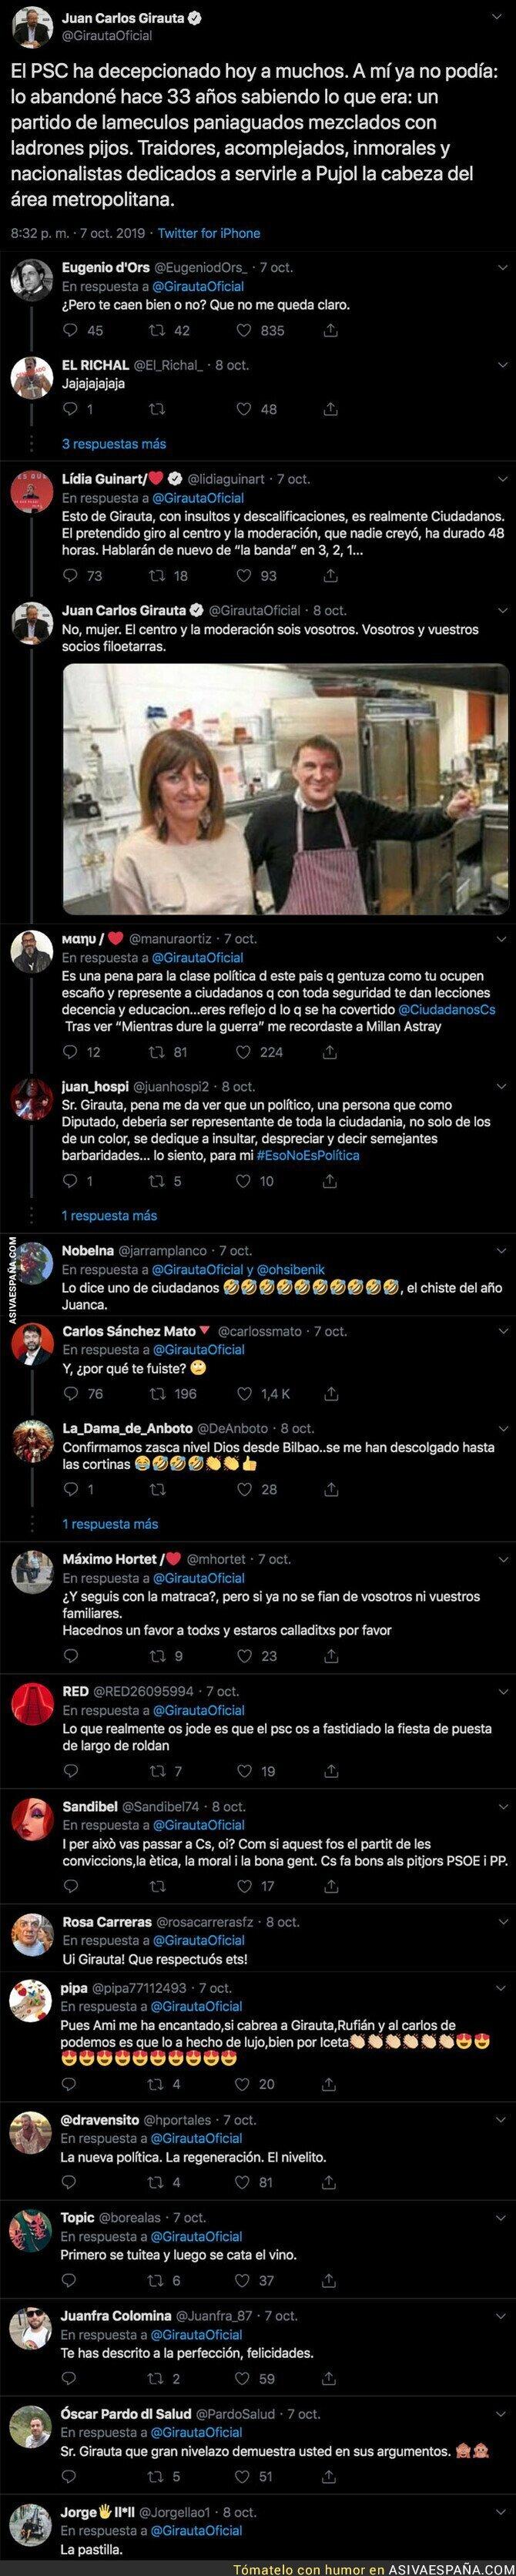 123214 - Juan Carlos Girauta lanza un mensaje totalmente incendiario contra el PSOE